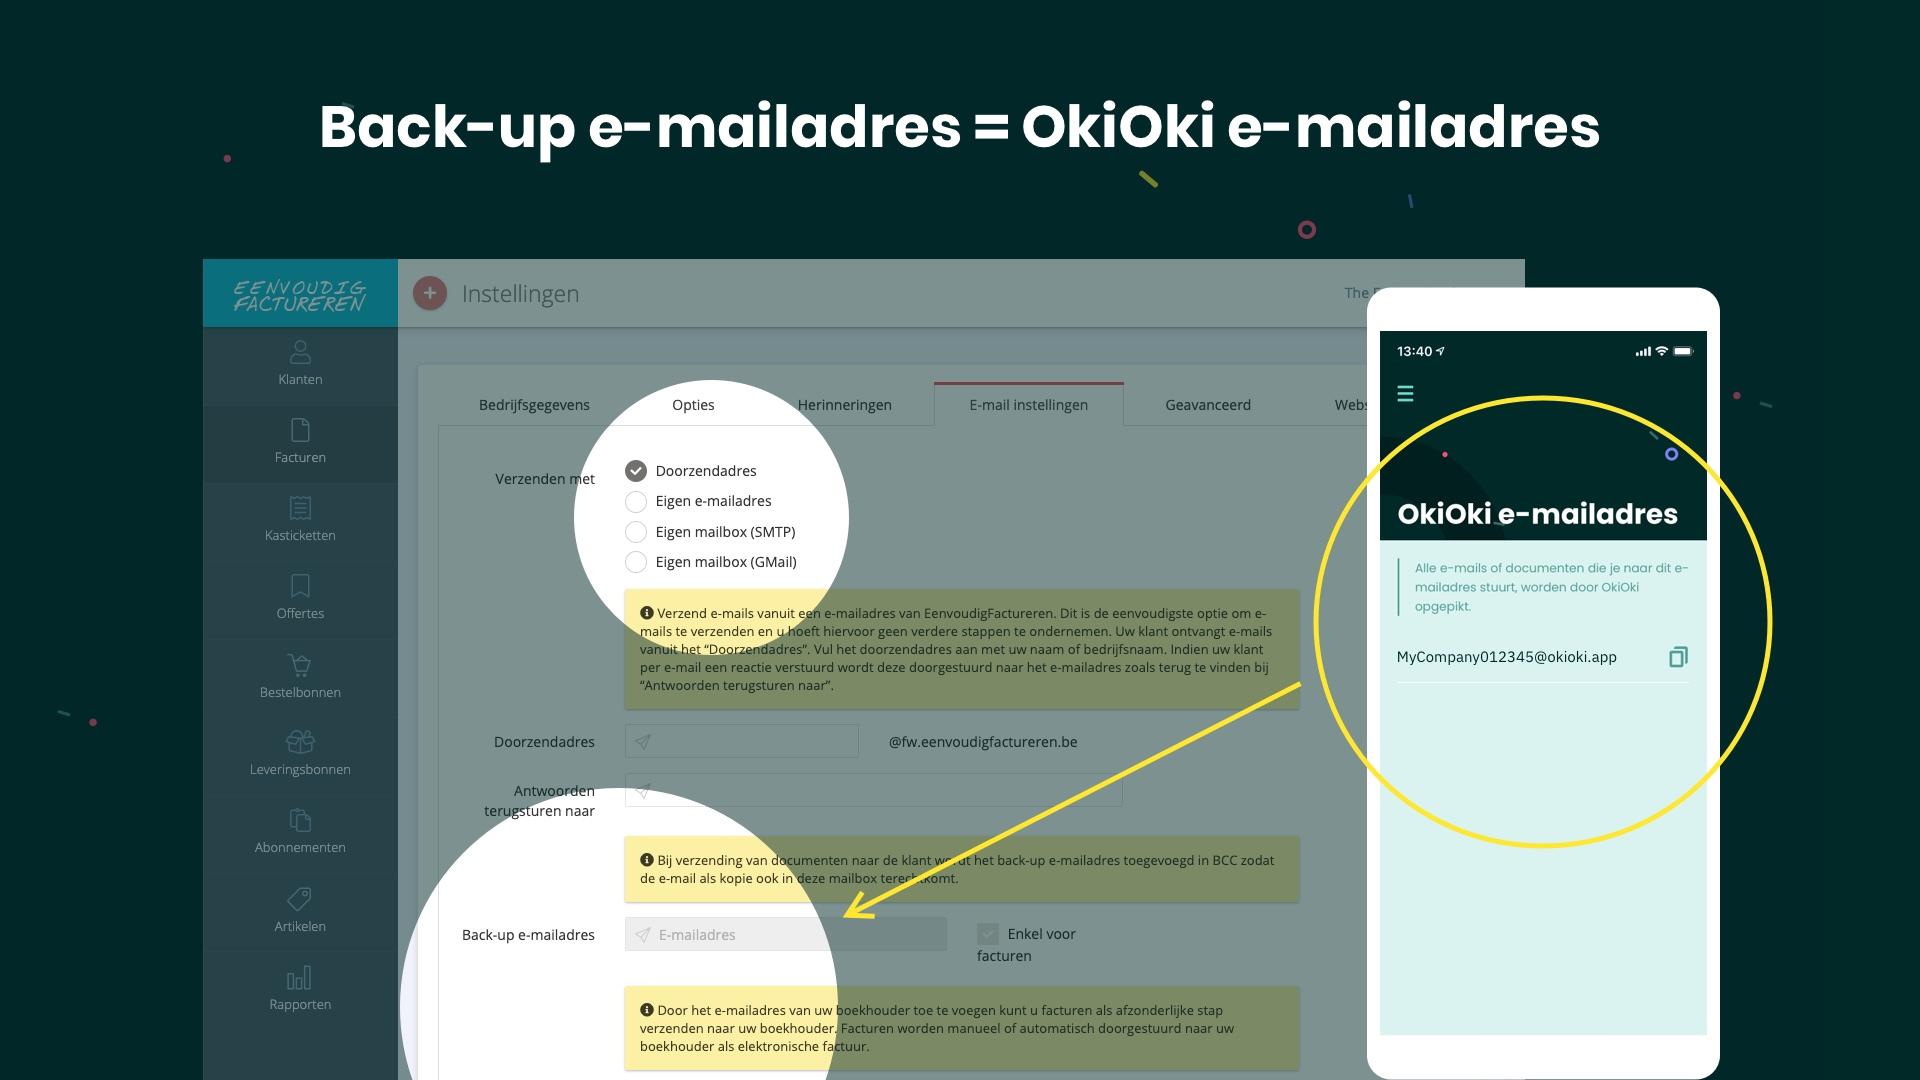 Hoe je Eenvoudigfactureren.be facturen in OkiOki ontvangen